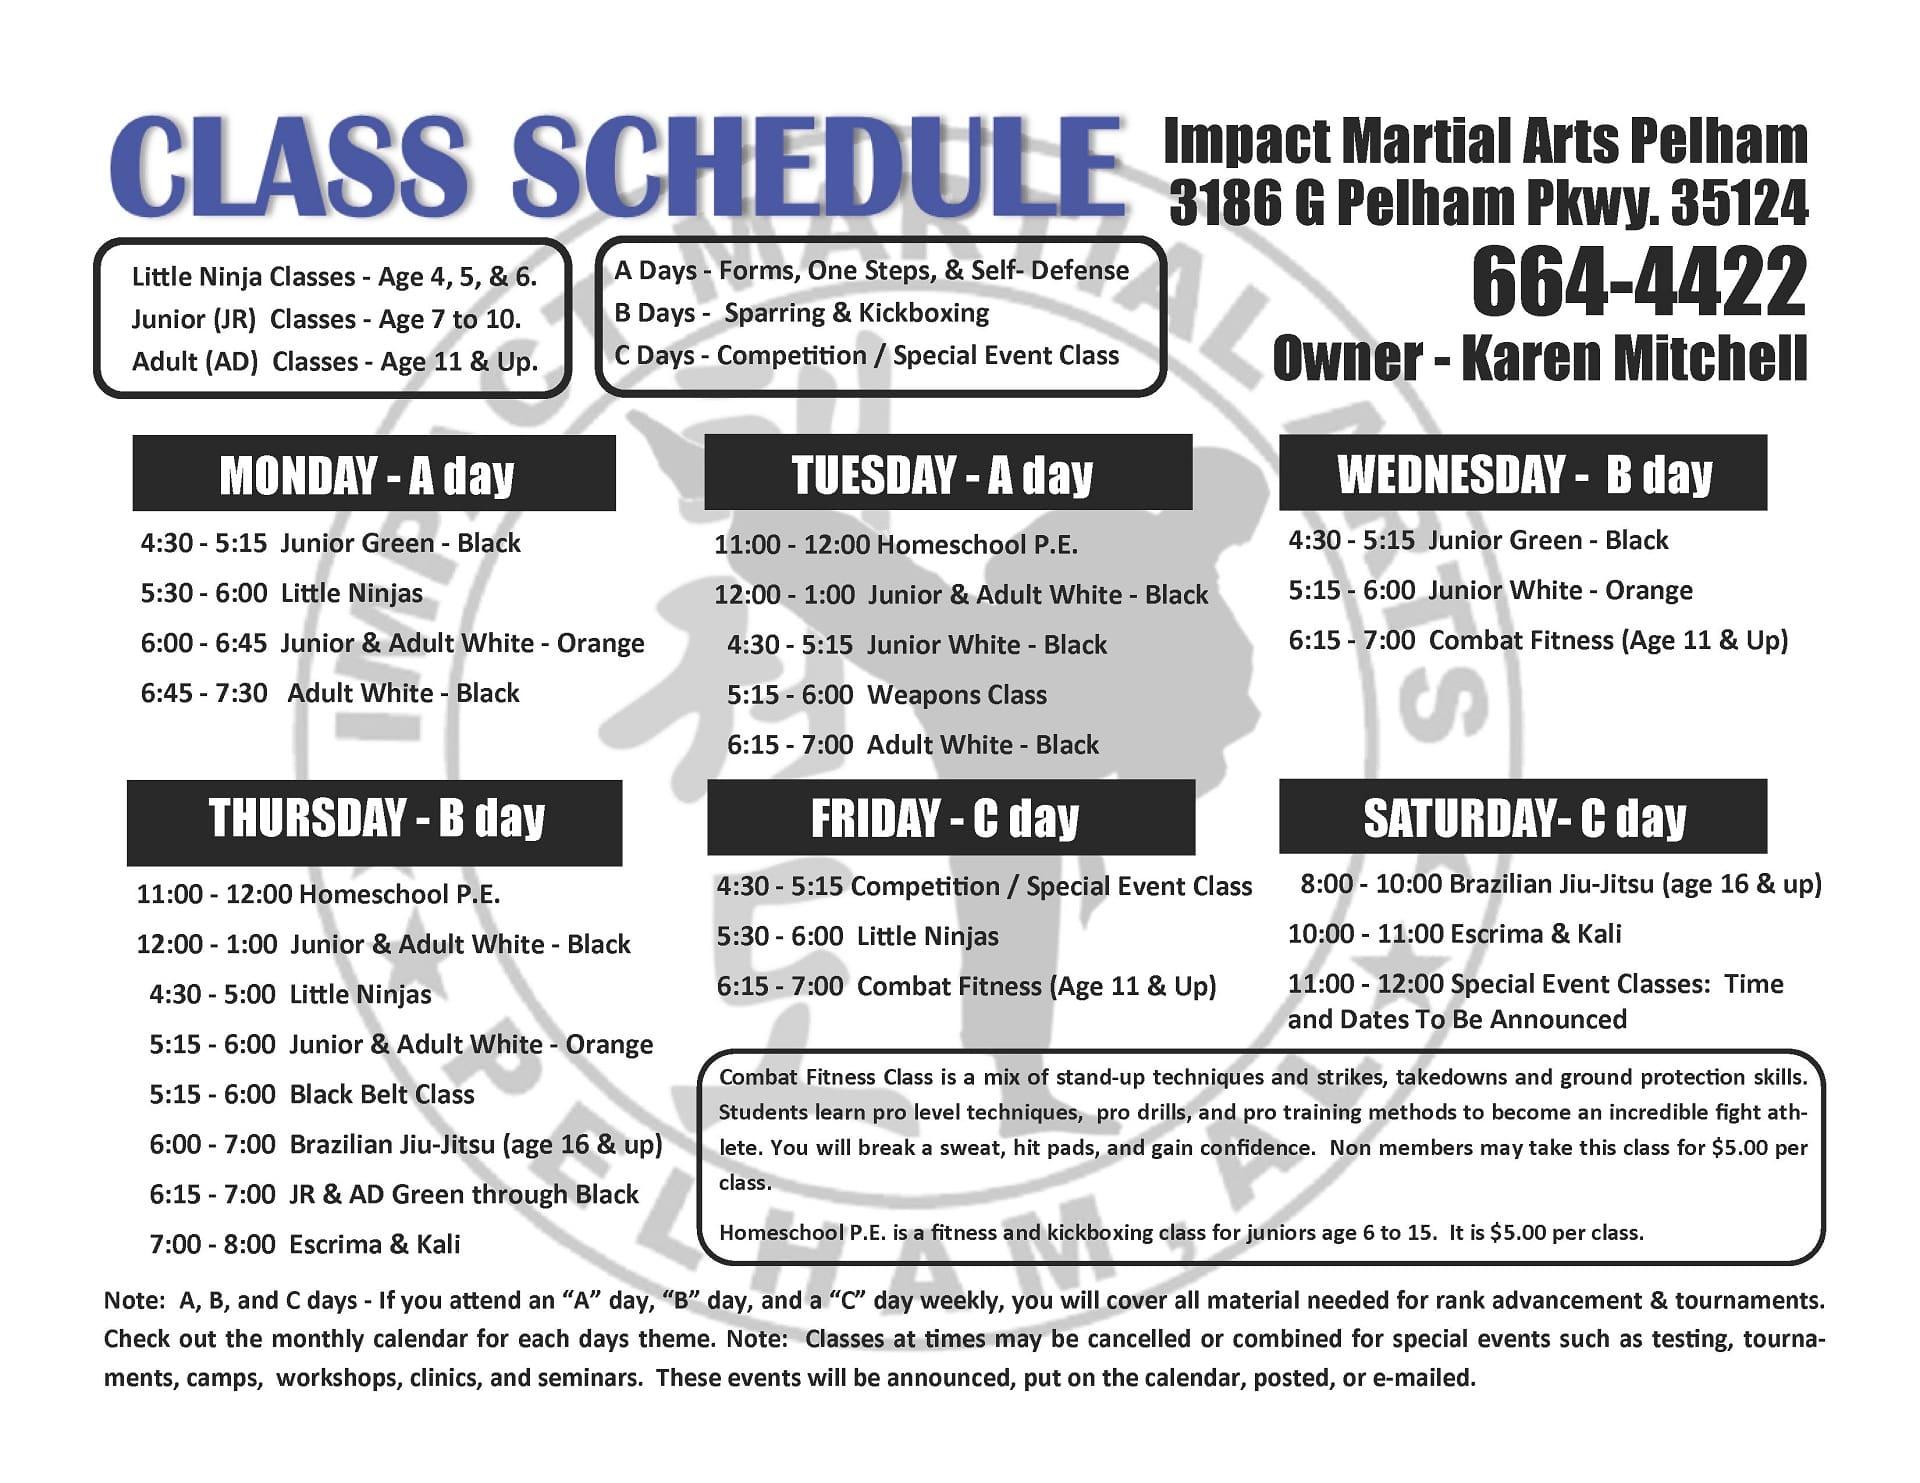 Impact Martial Arts - Pelham, AL - Class Schedule 2018